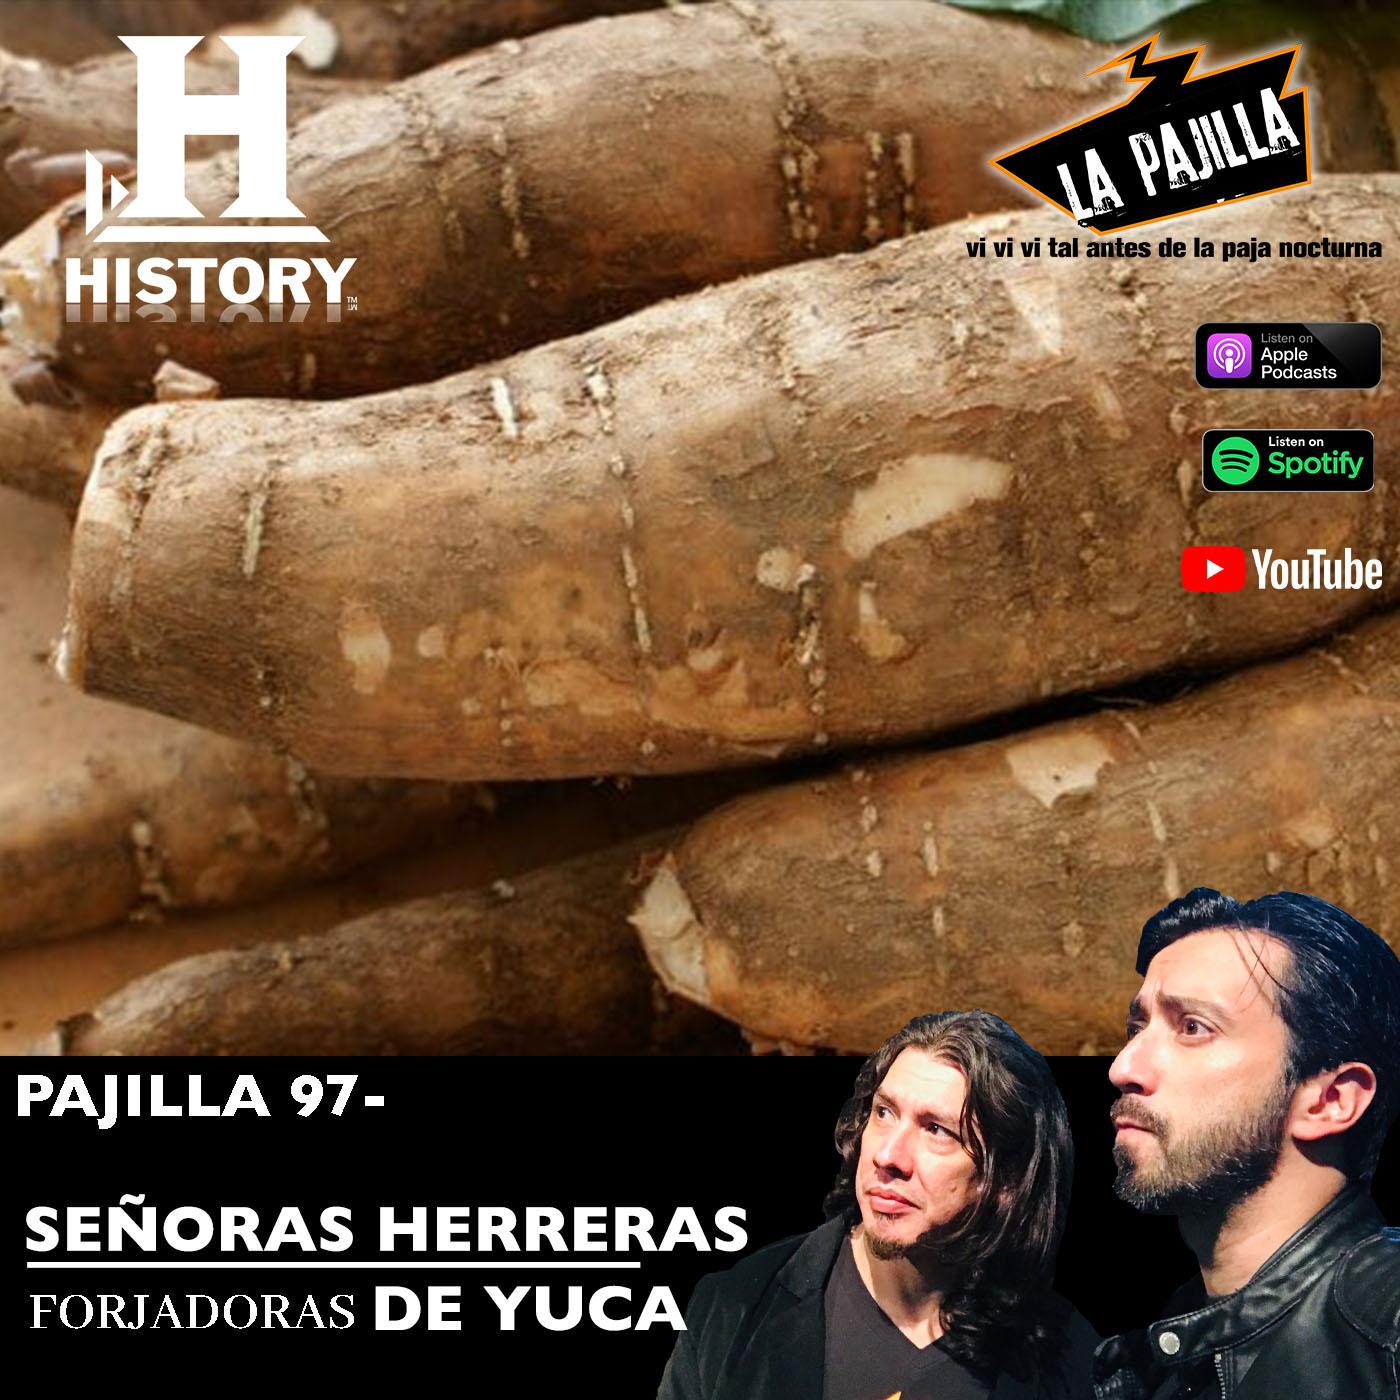 La Paja Nocturna Podcast CR Pajilla 97